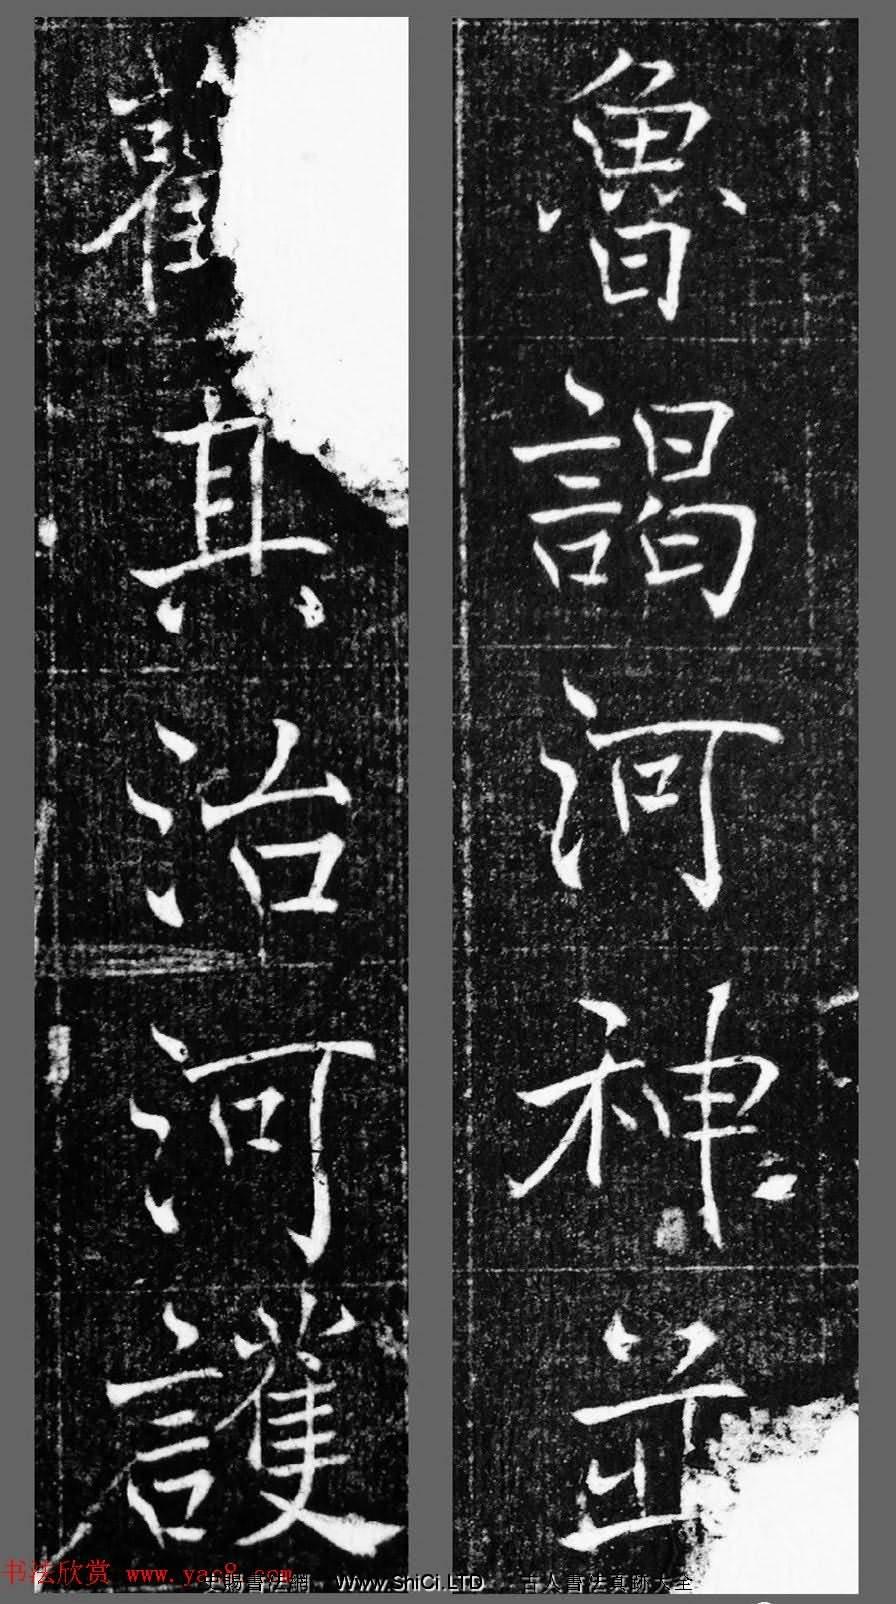 蕭方駿書法《重修嘉祥縣龍王廟碑記》